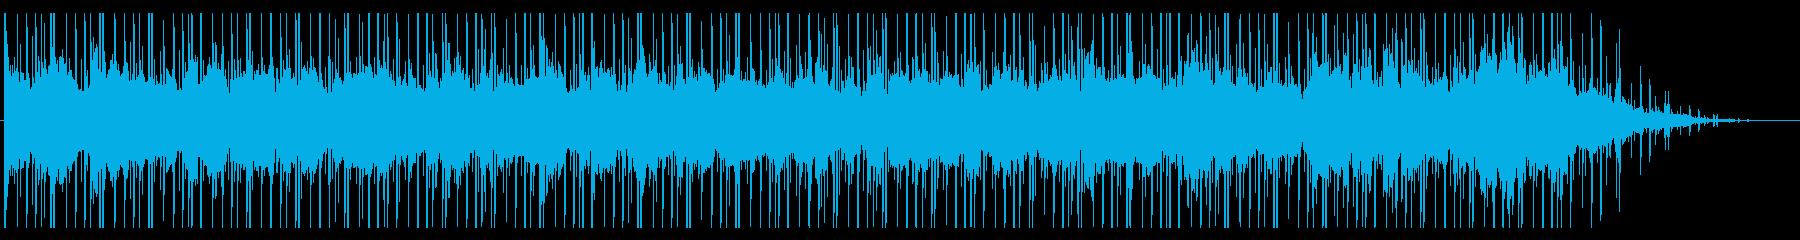 アンニュイなBGMの再生済みの波形